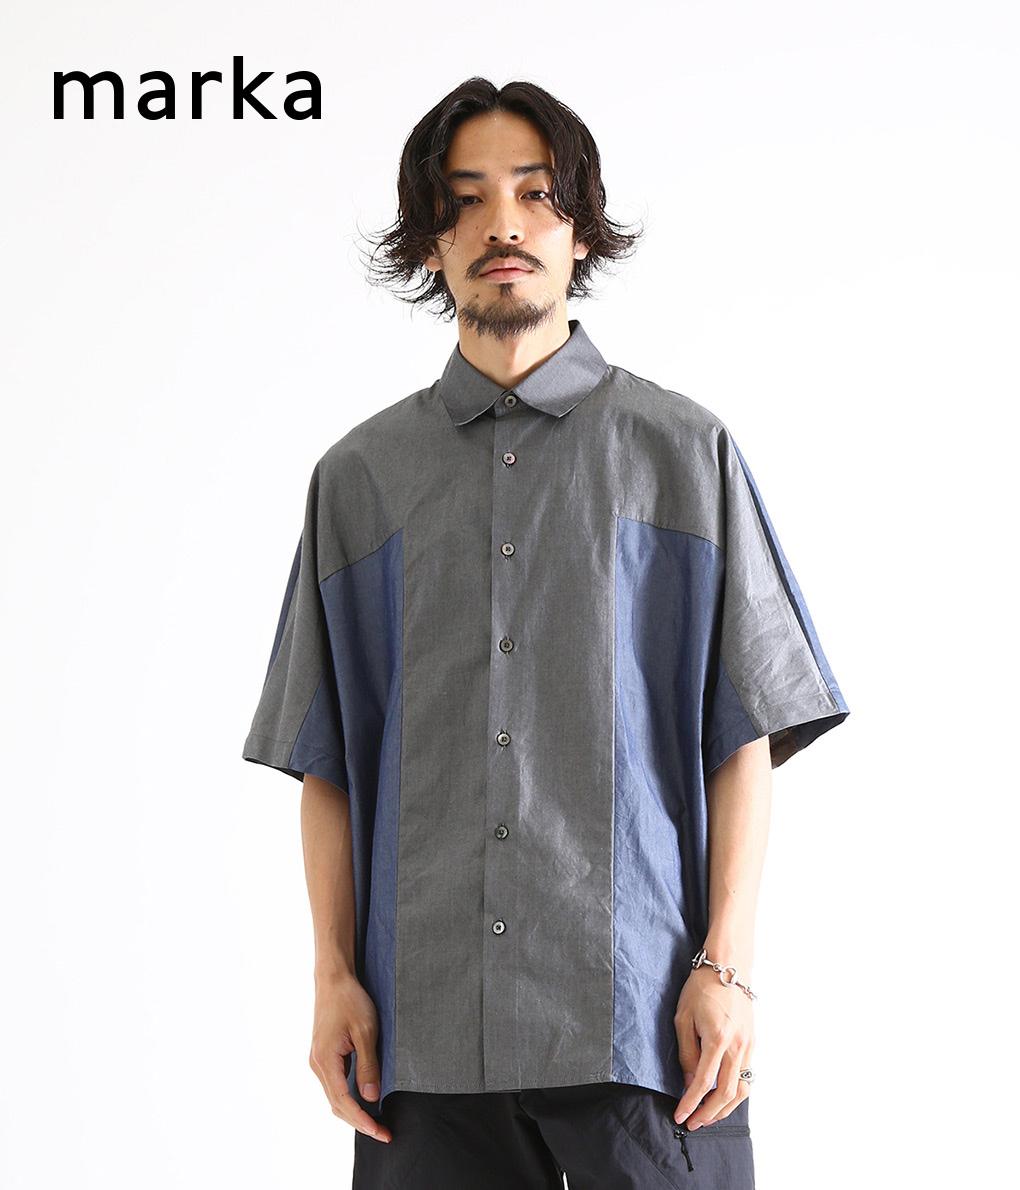 marka / マーカ : PANEL SHIRTS / 全2色 : マーカ パネルシャツ シャツ 半袖シャツ コットン メンズ : M19B-04SH01B 【COR】【WIS】